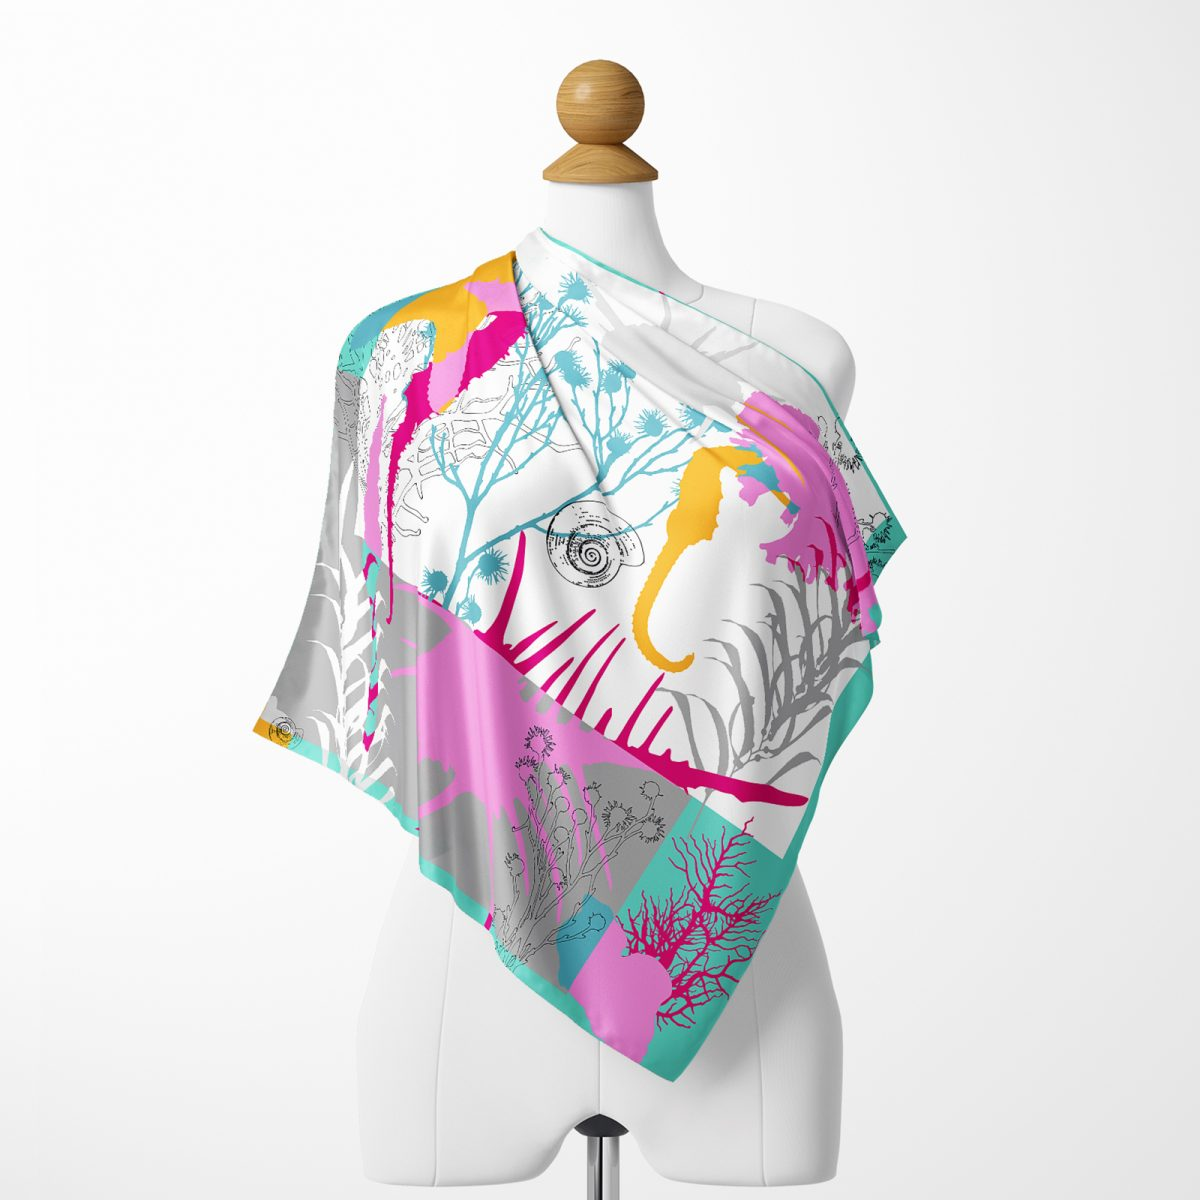 Realhomes Moda Summer Özel Seri Dijital Baskılı Modern İpeksi Twill Eşarp Realhomes